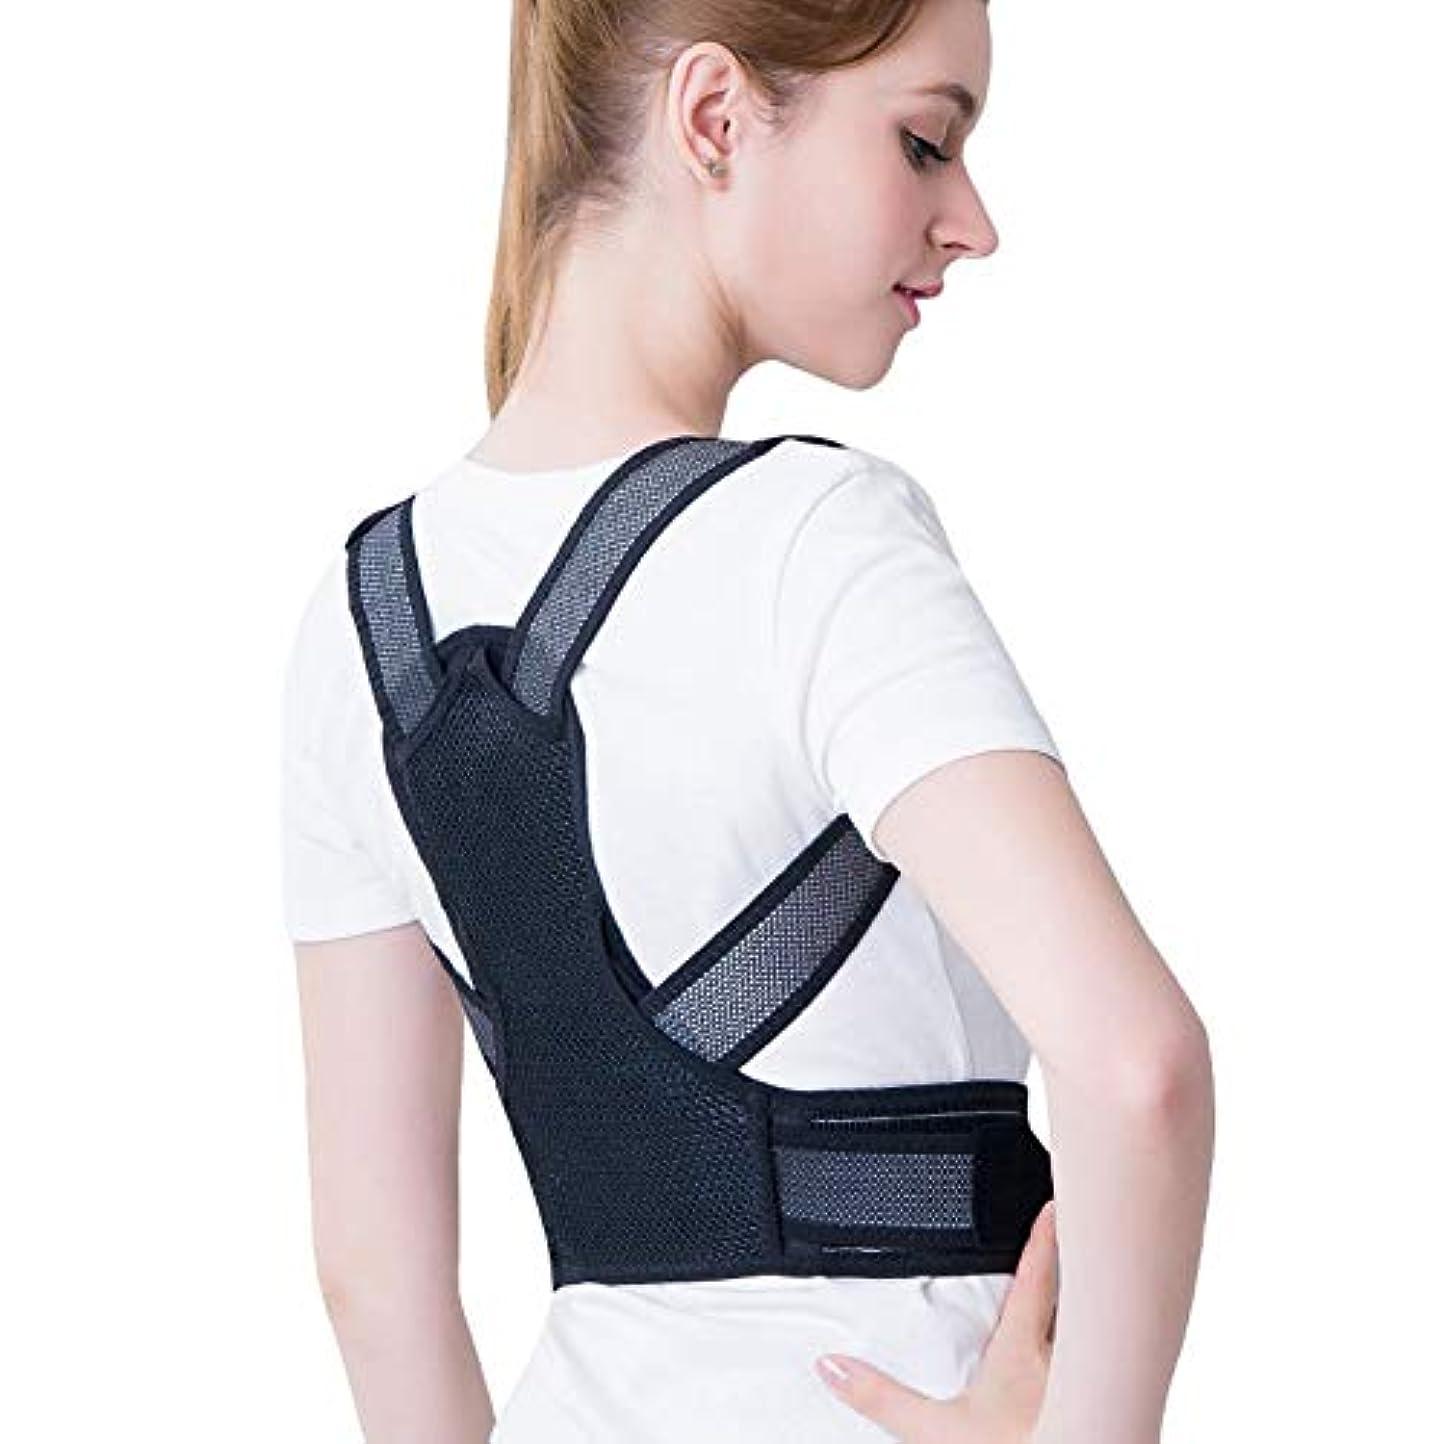 粉砕する線リーダーシップ女性のためのバックブレース姿勢補正器男性補正前かがみハンチング悪い姿勢低い肩首の首の痛み鎖骨のサポート b823 (Color : Black, Size : M)